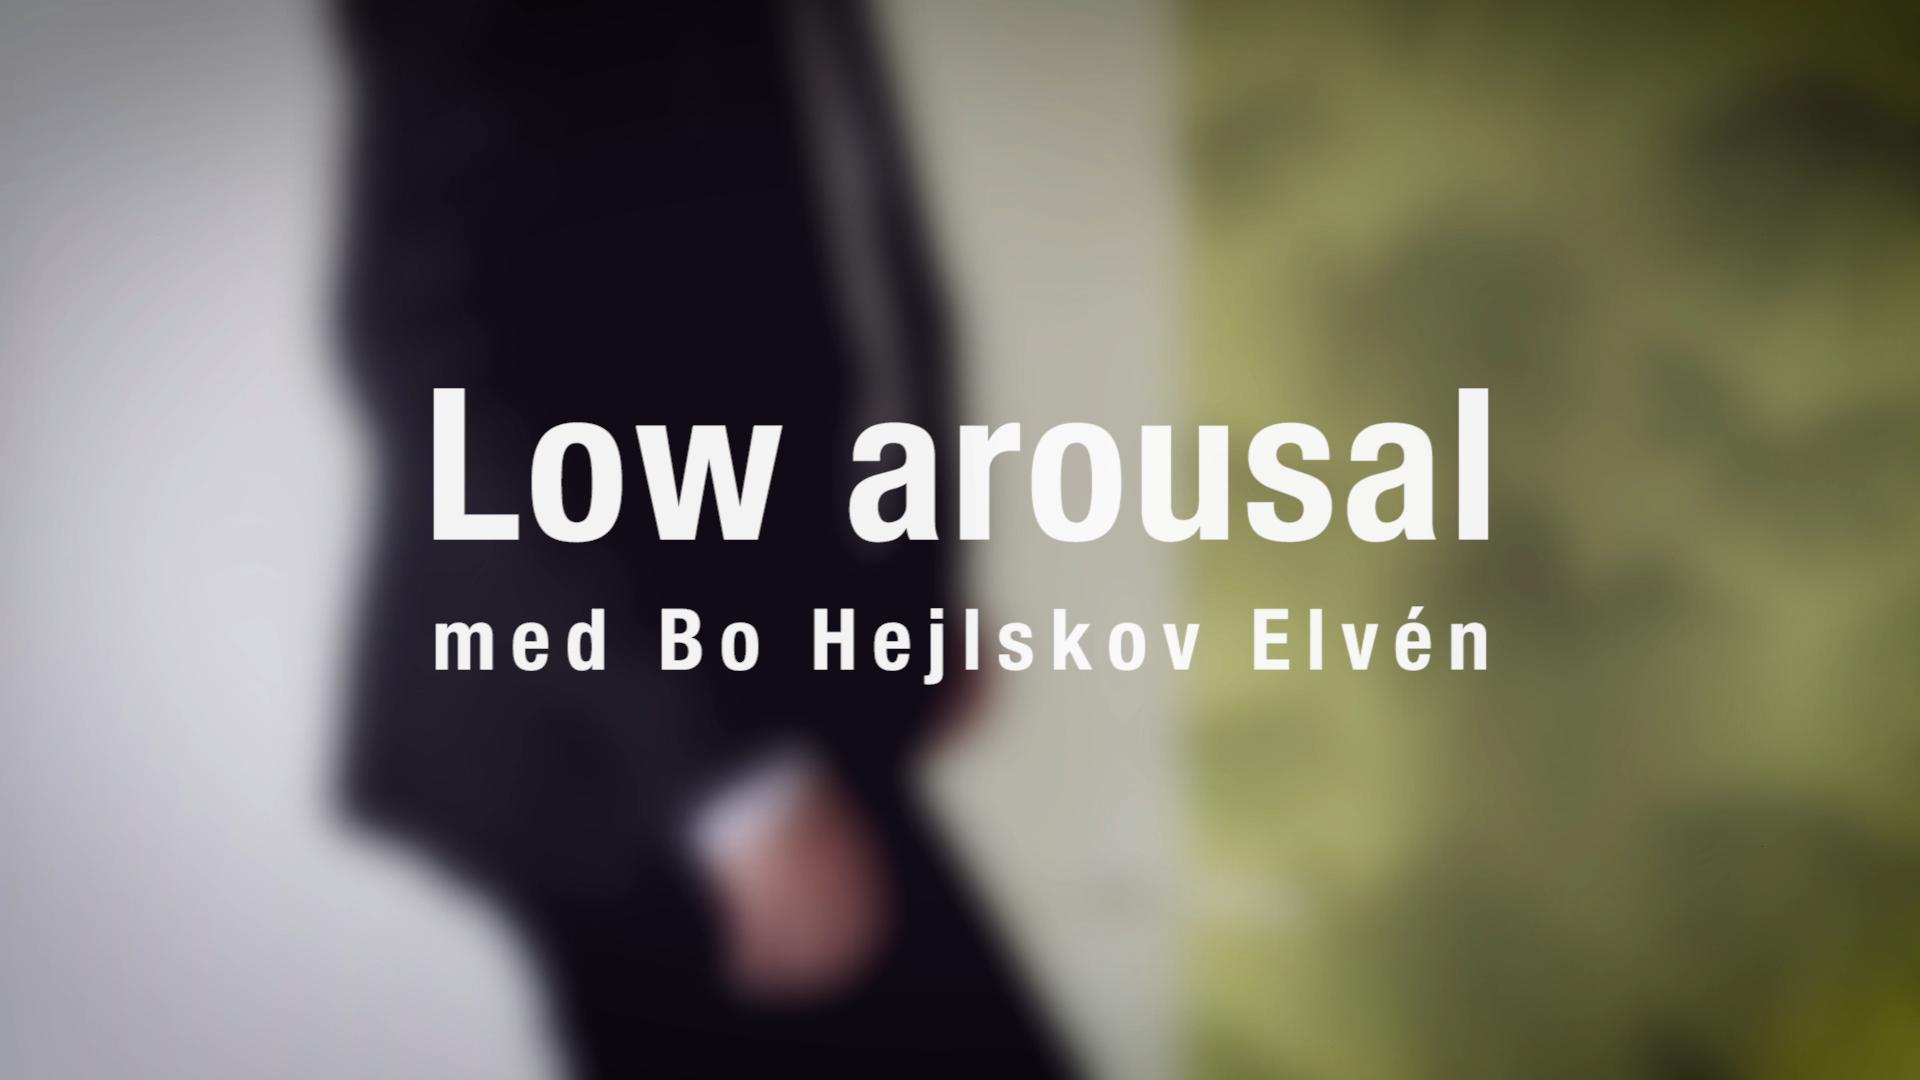 Low arousal med Bo Hejlskov - en videoserie